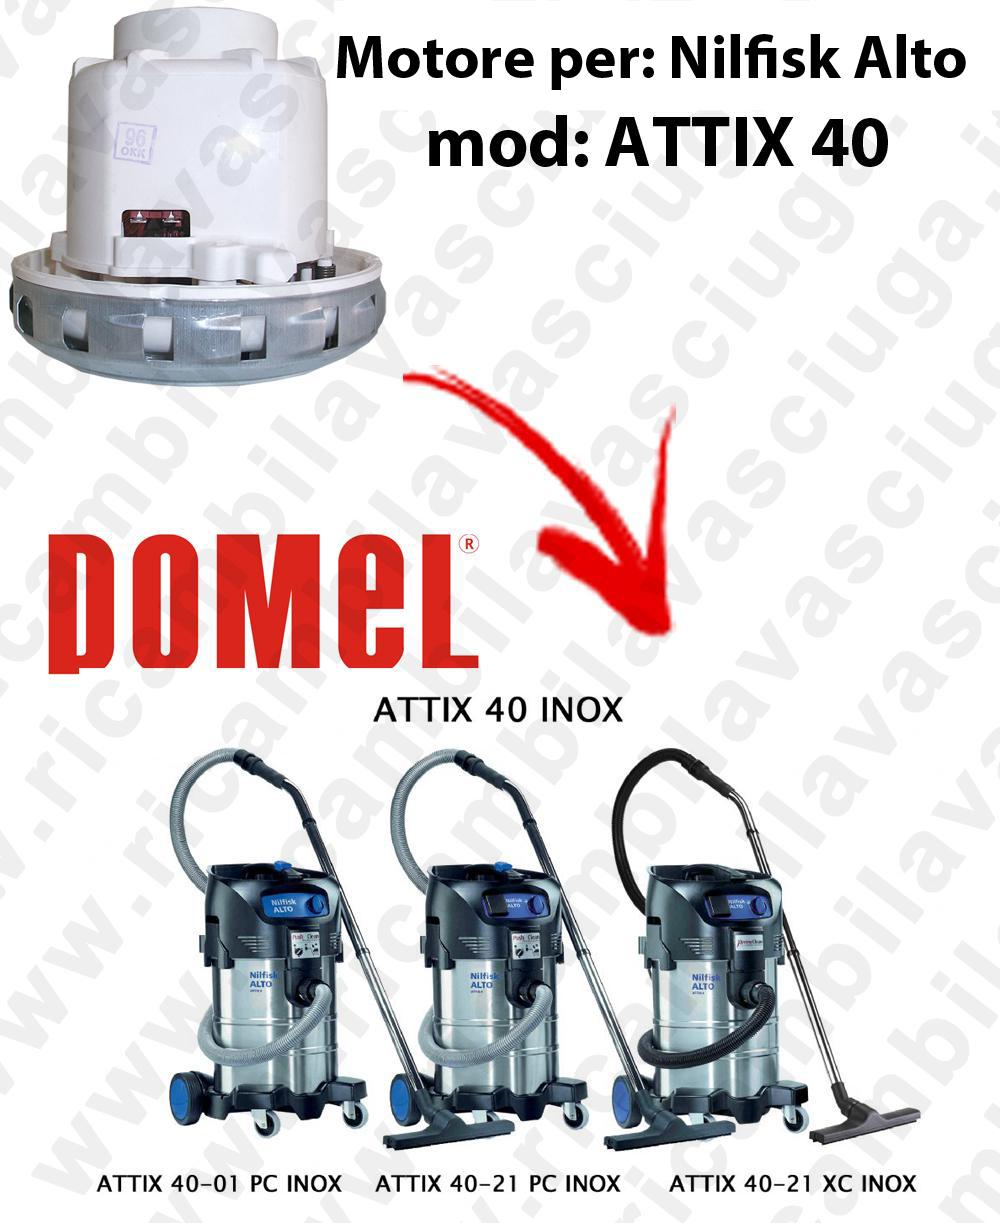 ATTIX 40 Saugmotor DOMEL für Staubsauger NILFISK ALTO